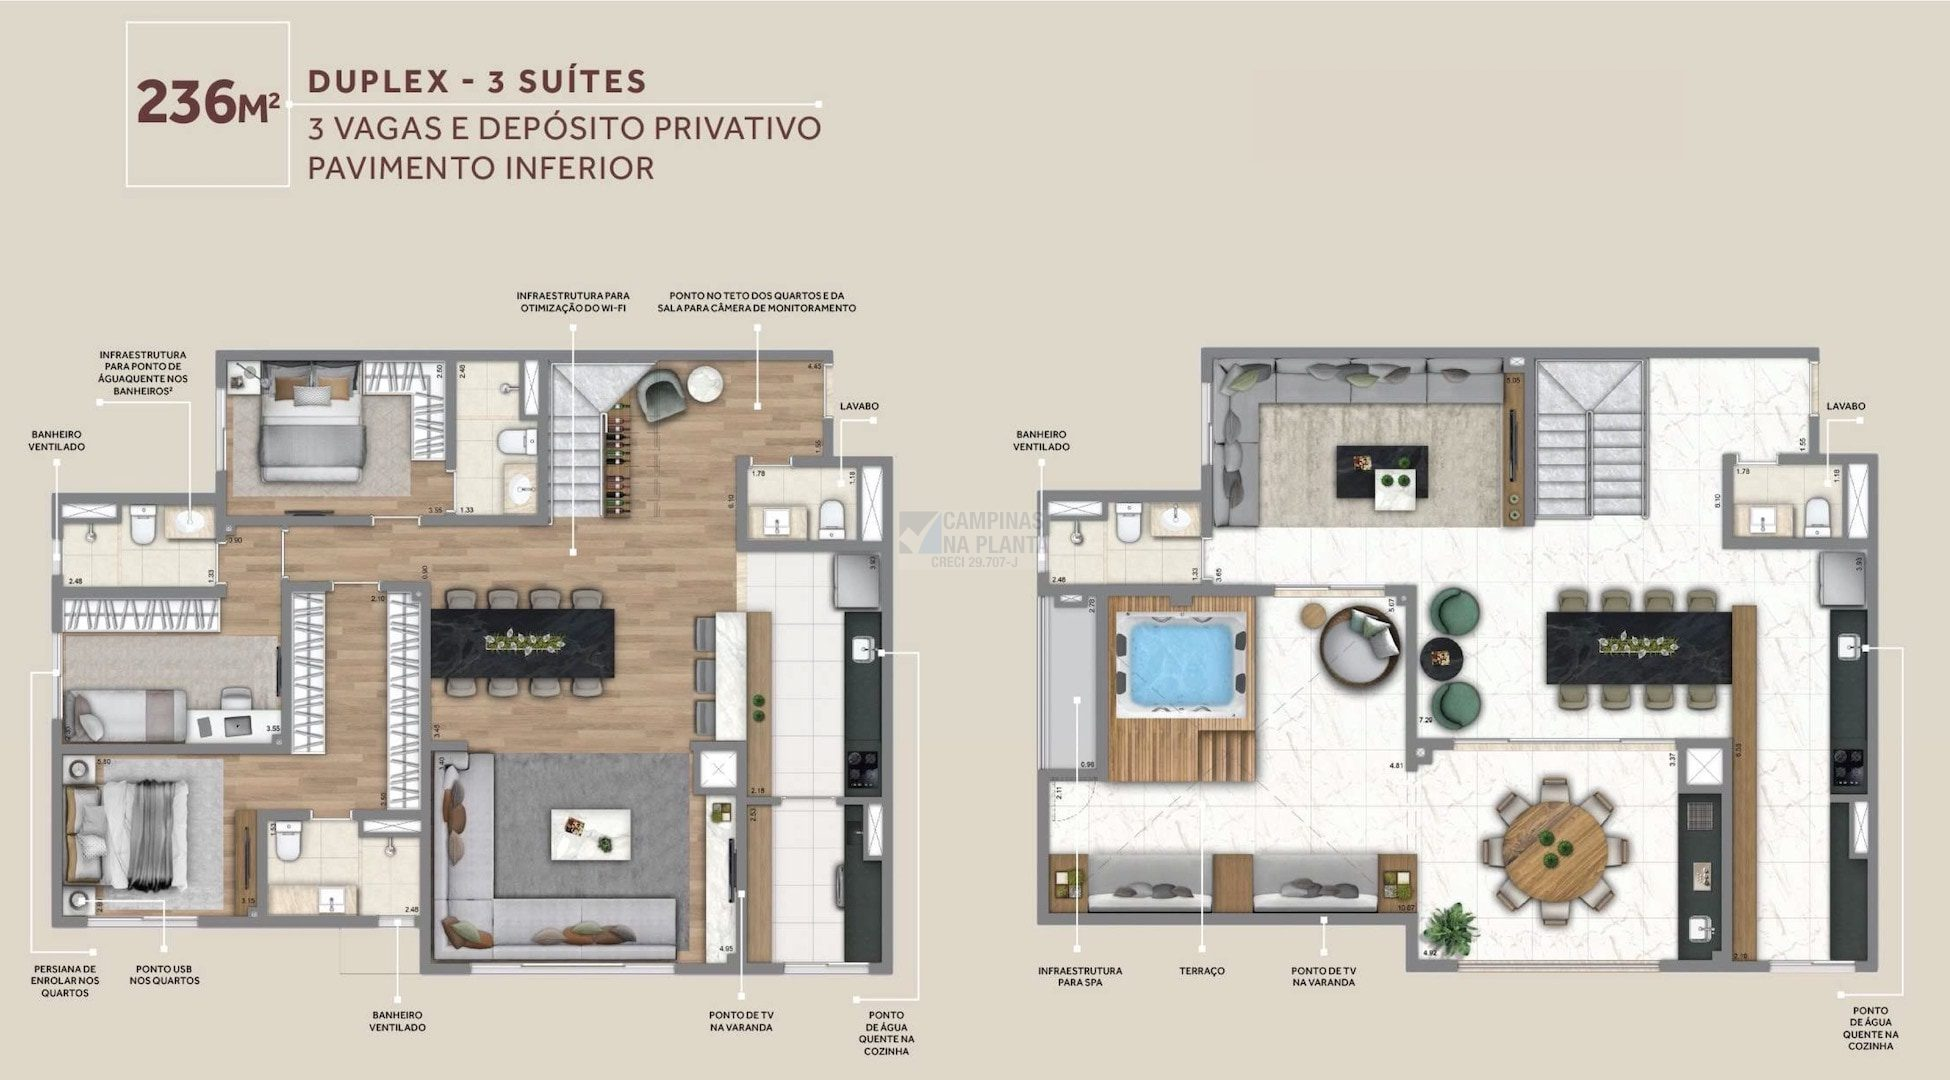 Living Grand Wish Nova Campinas Planta Do Pavimento Inferior Do Duplex 236 M2